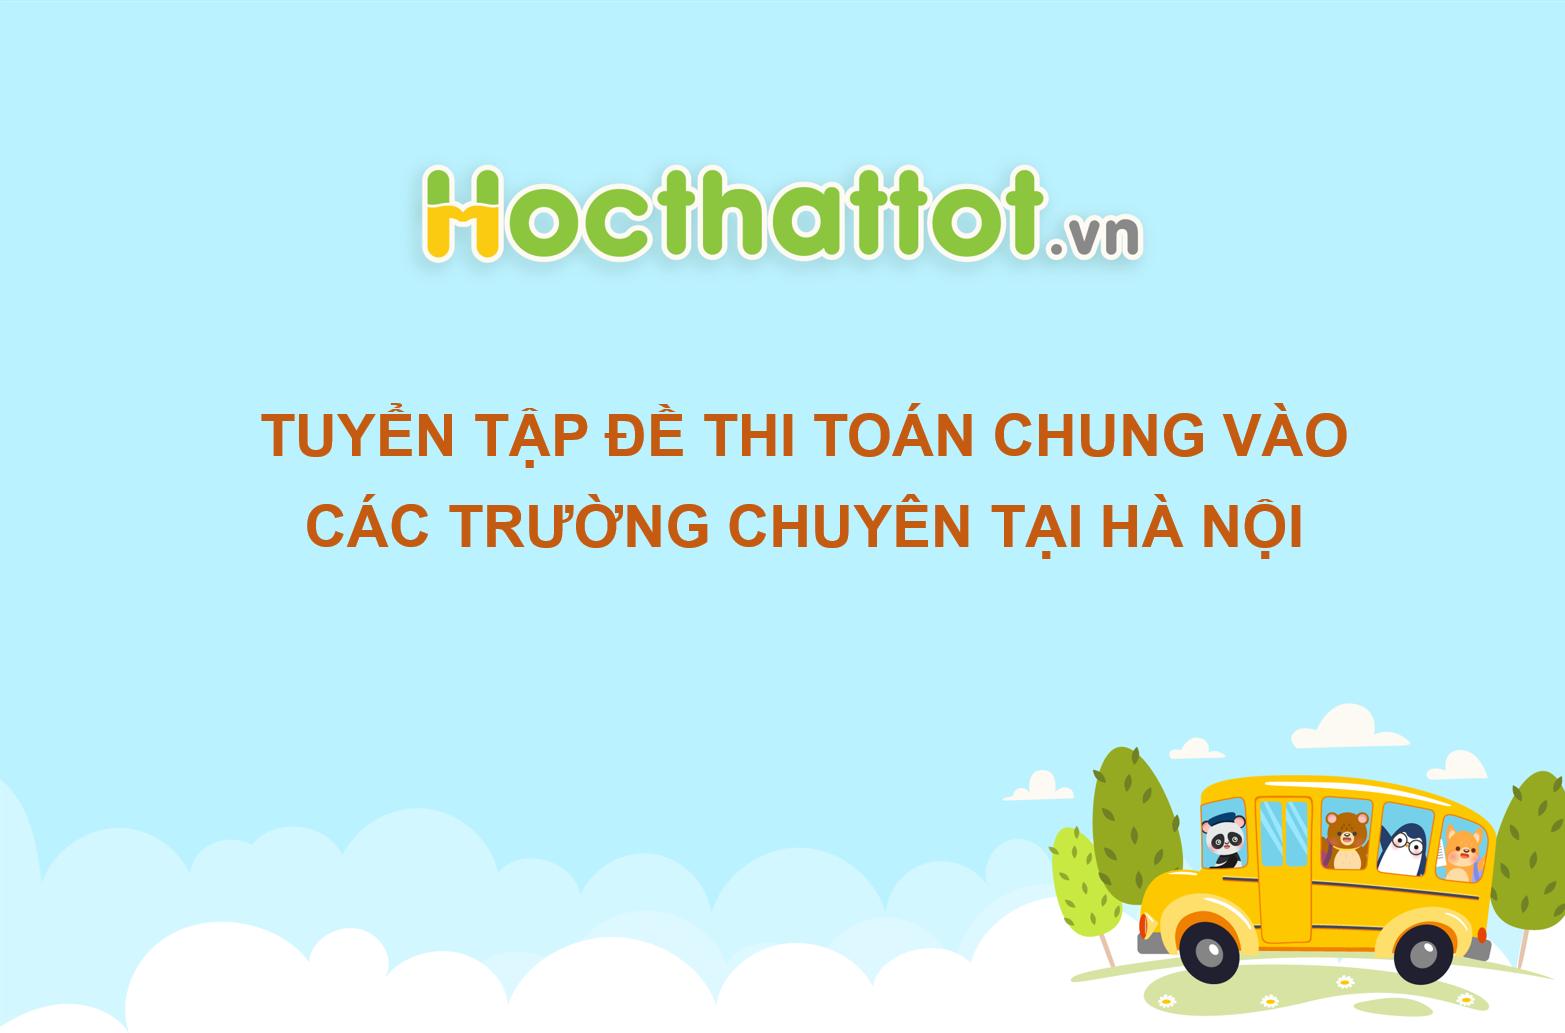 tuyen-tap-de-thi-toan-chung-vao-cac-truong-chuyen-tai-ha-noi